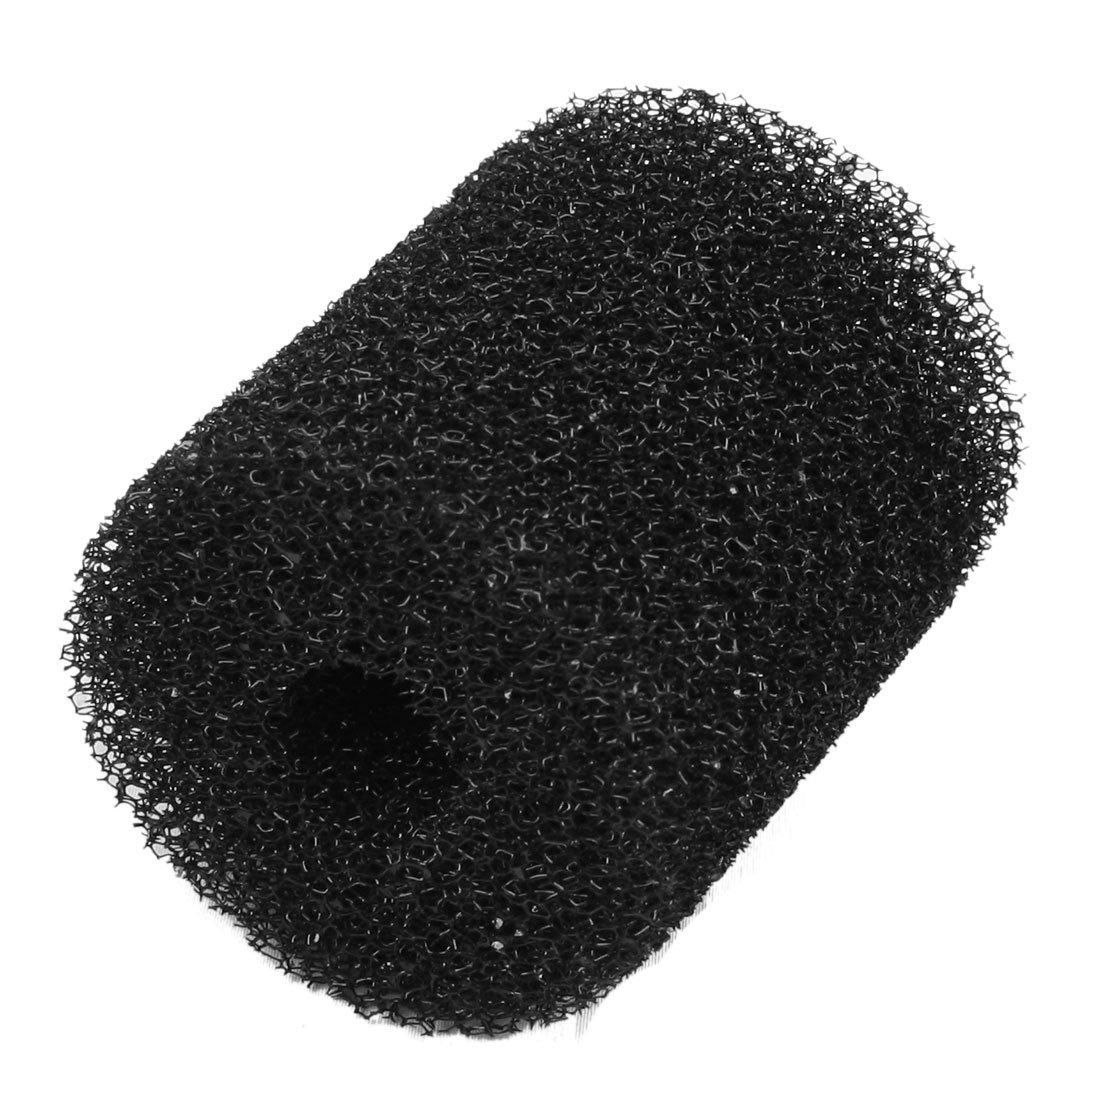 UXCELL riutilizzabile cilindrica Biochimica filtro spugna per acquario Fish Bowl, nero Sourcingmap a12122200ux0270